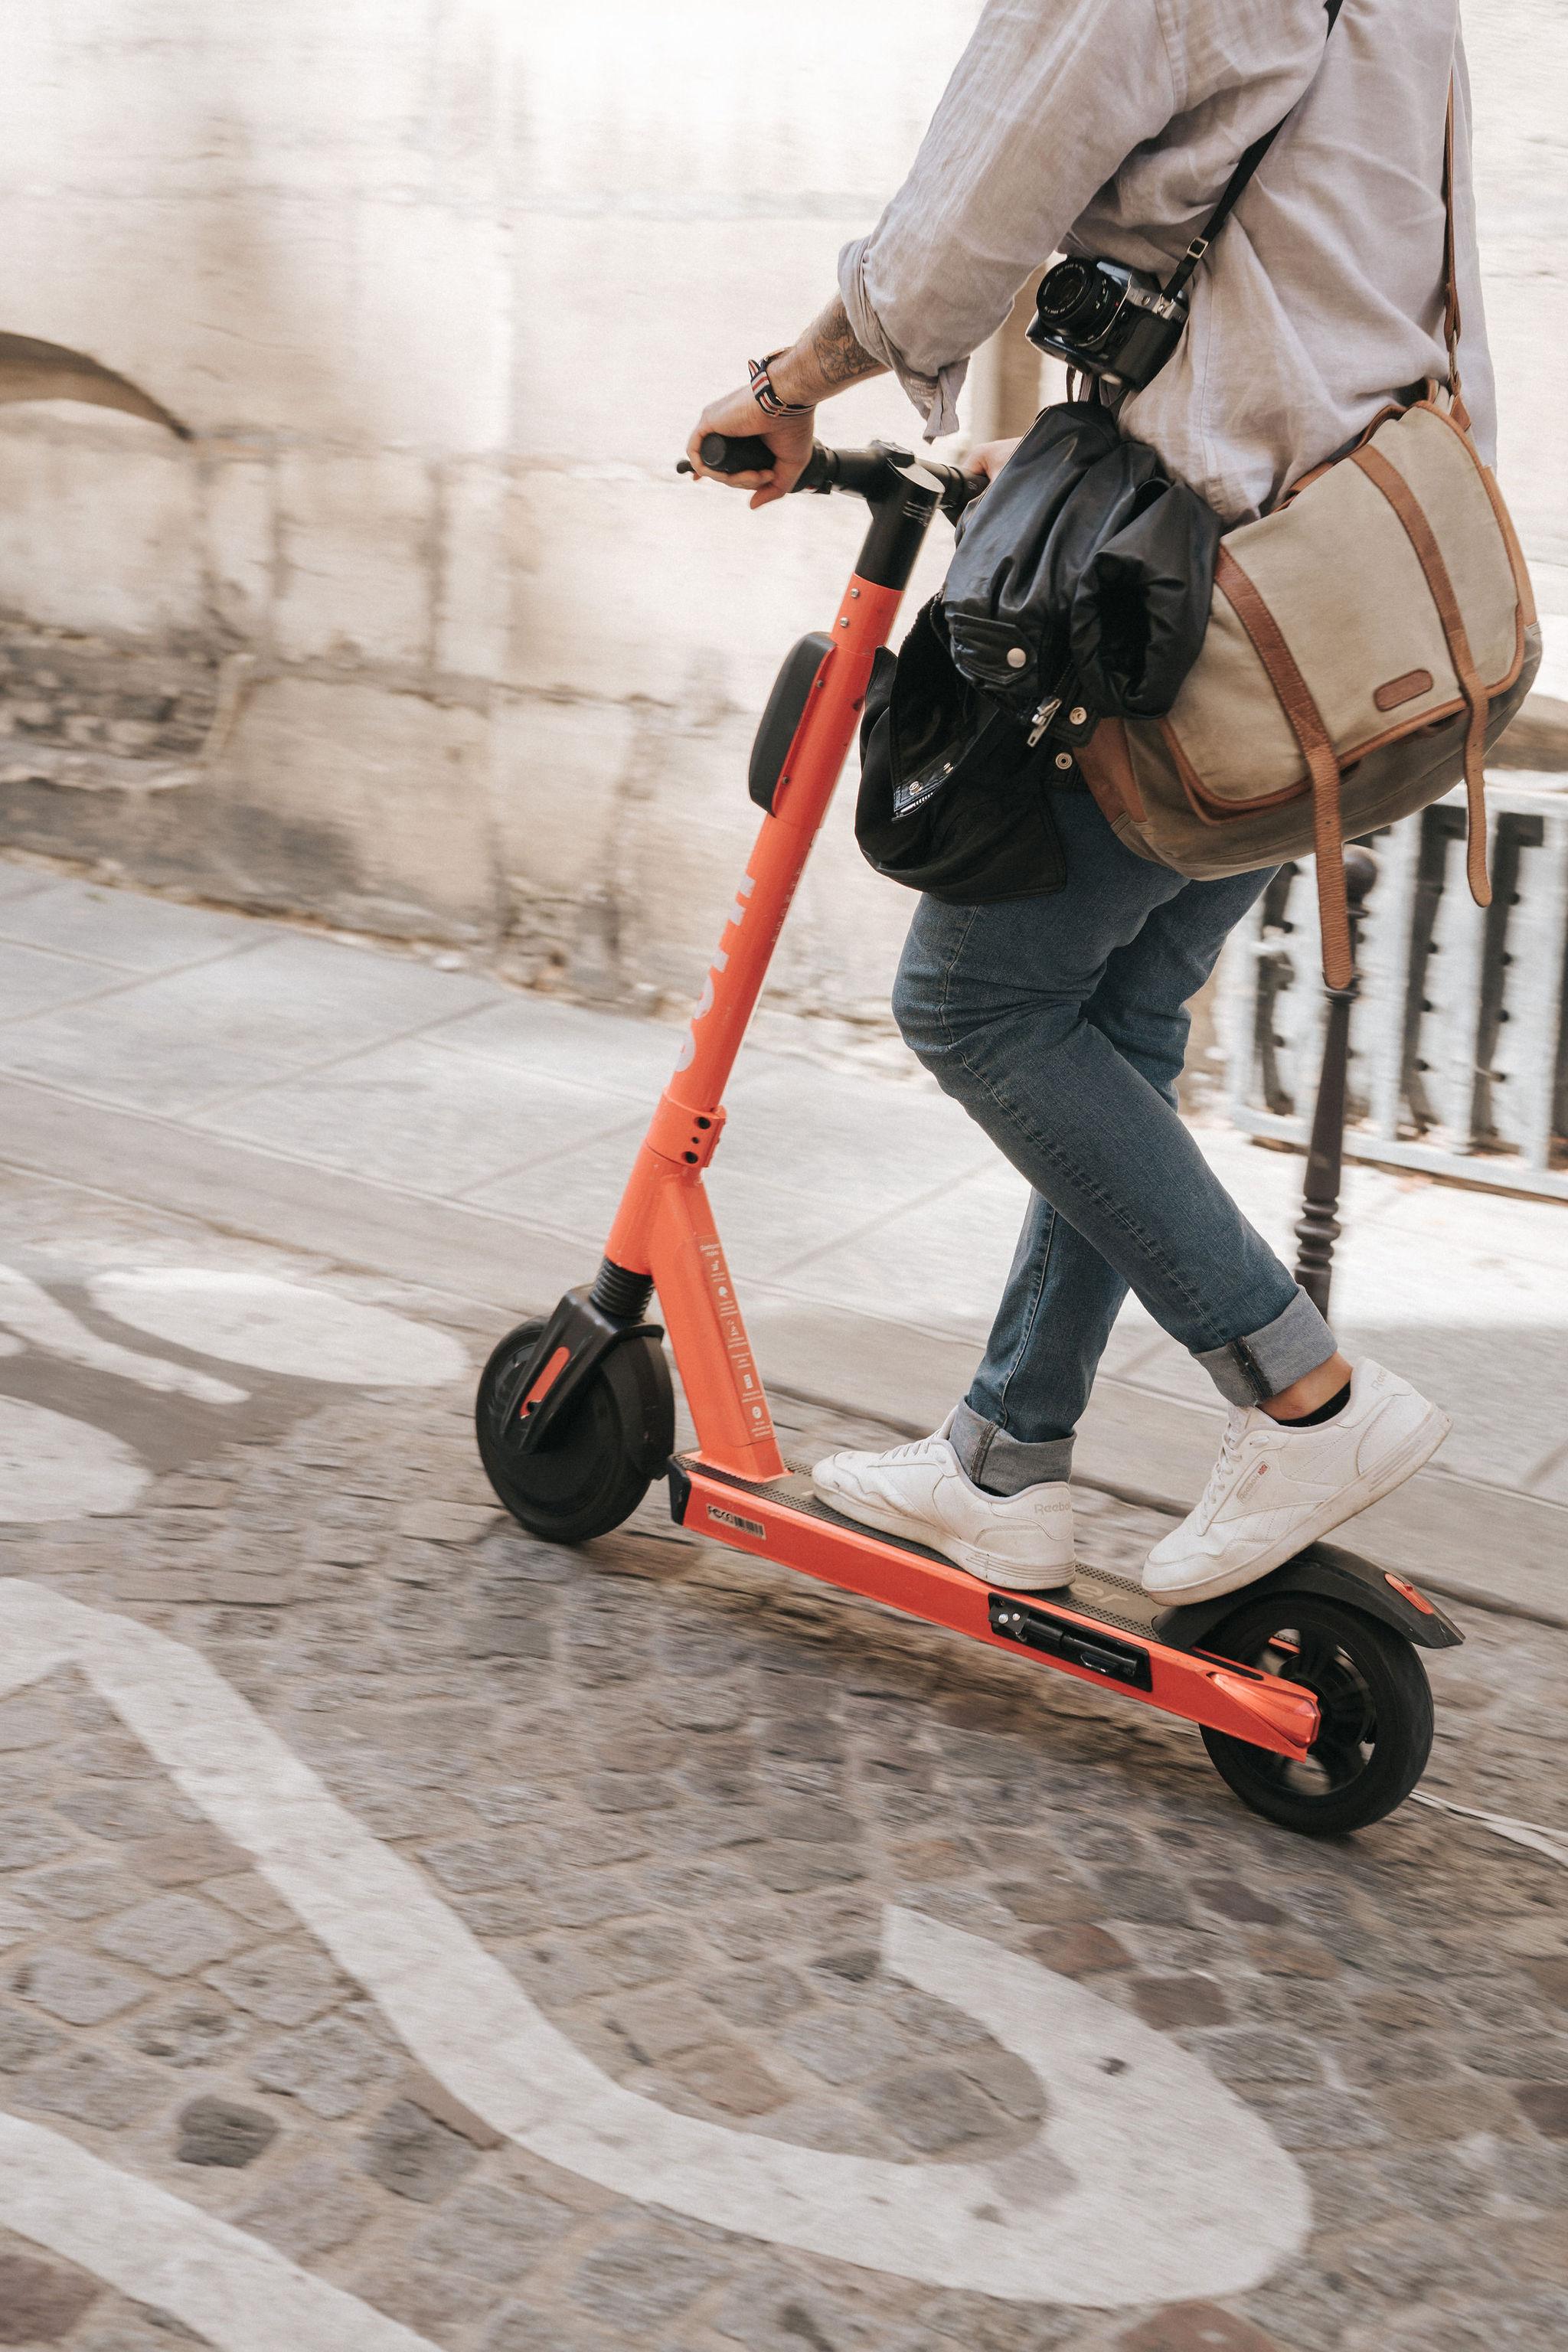 Me riding a Jump in Paris IheartParisfr.jpg